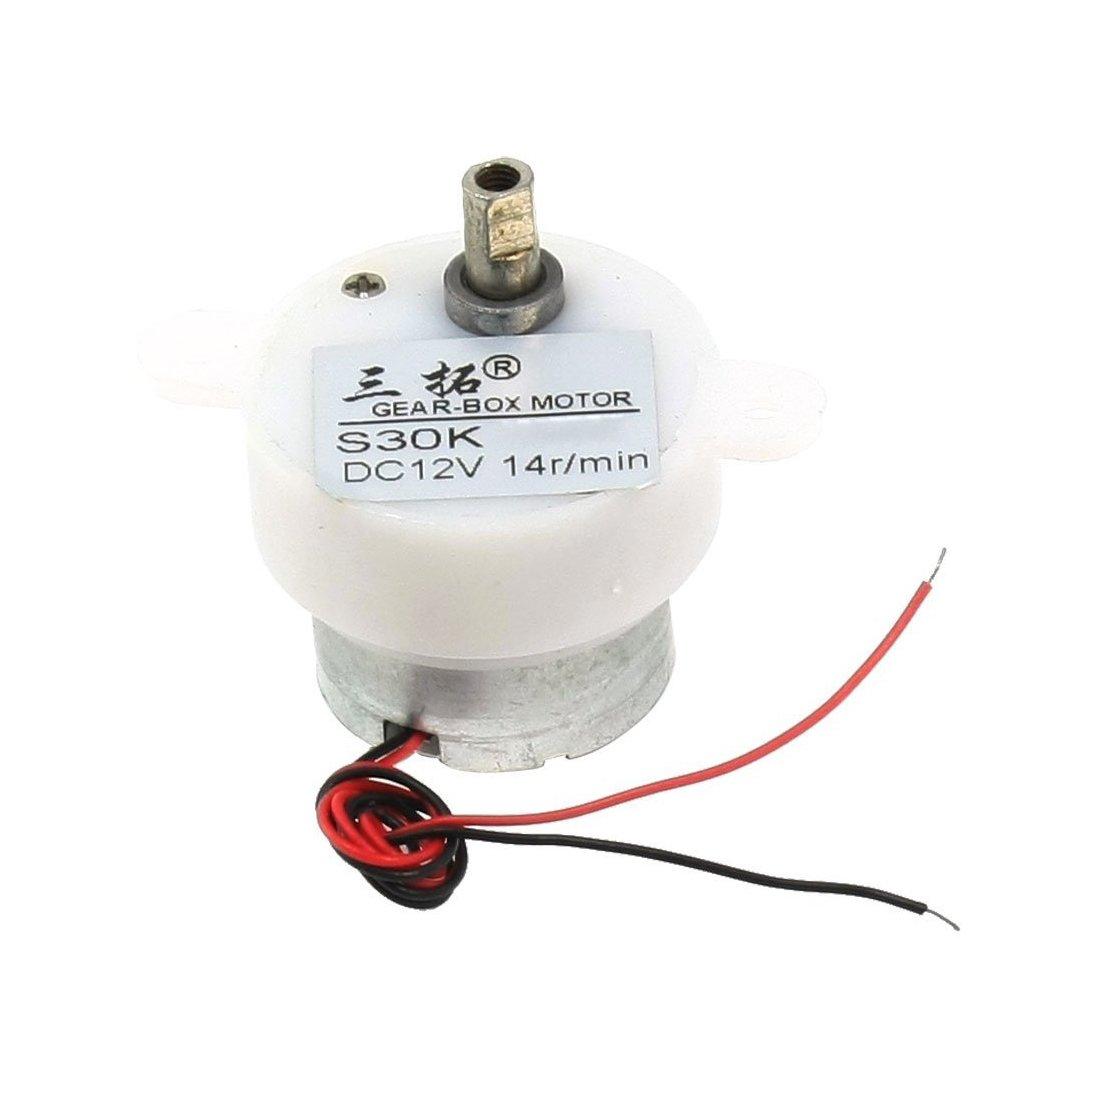 Generique 14 rpm 12v dc moteur reducteur electrique 2 fils boite de vitesses S30K moteur